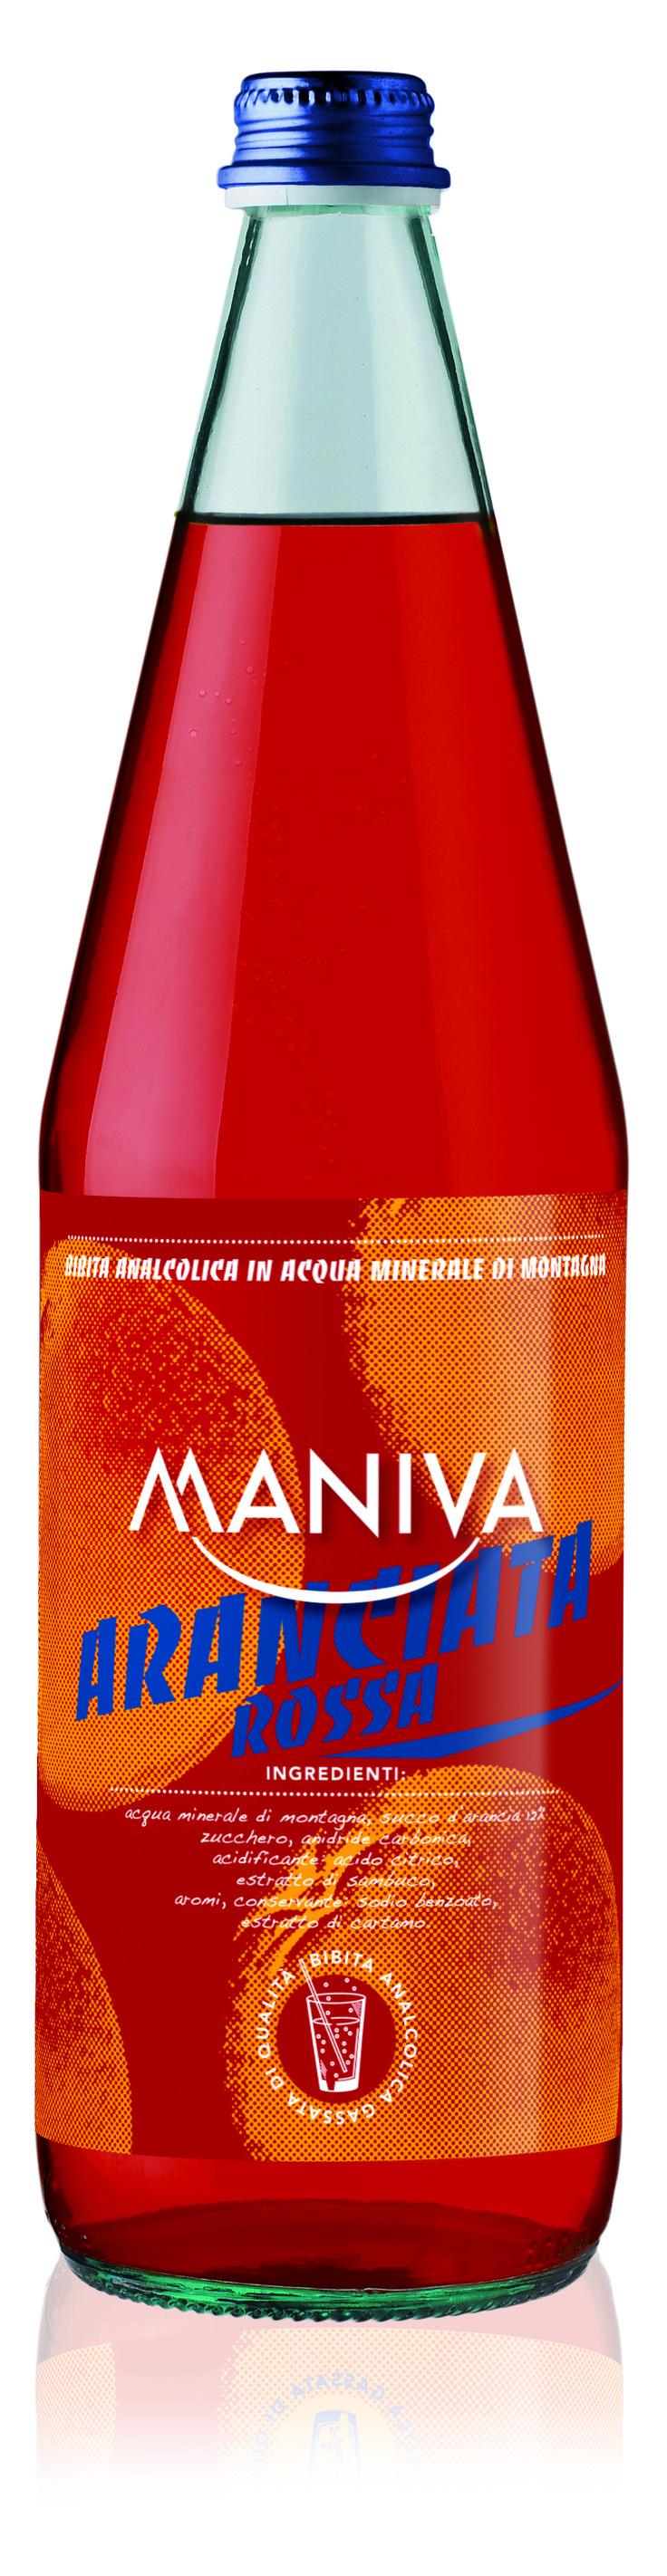 ARANCIATA ROSSA MANIVA, con estratto di Sambuco. Bibita analcolica frizzante, di alta qualità garantita anche dalla leggera acqua minerale di montagna di cui è composta